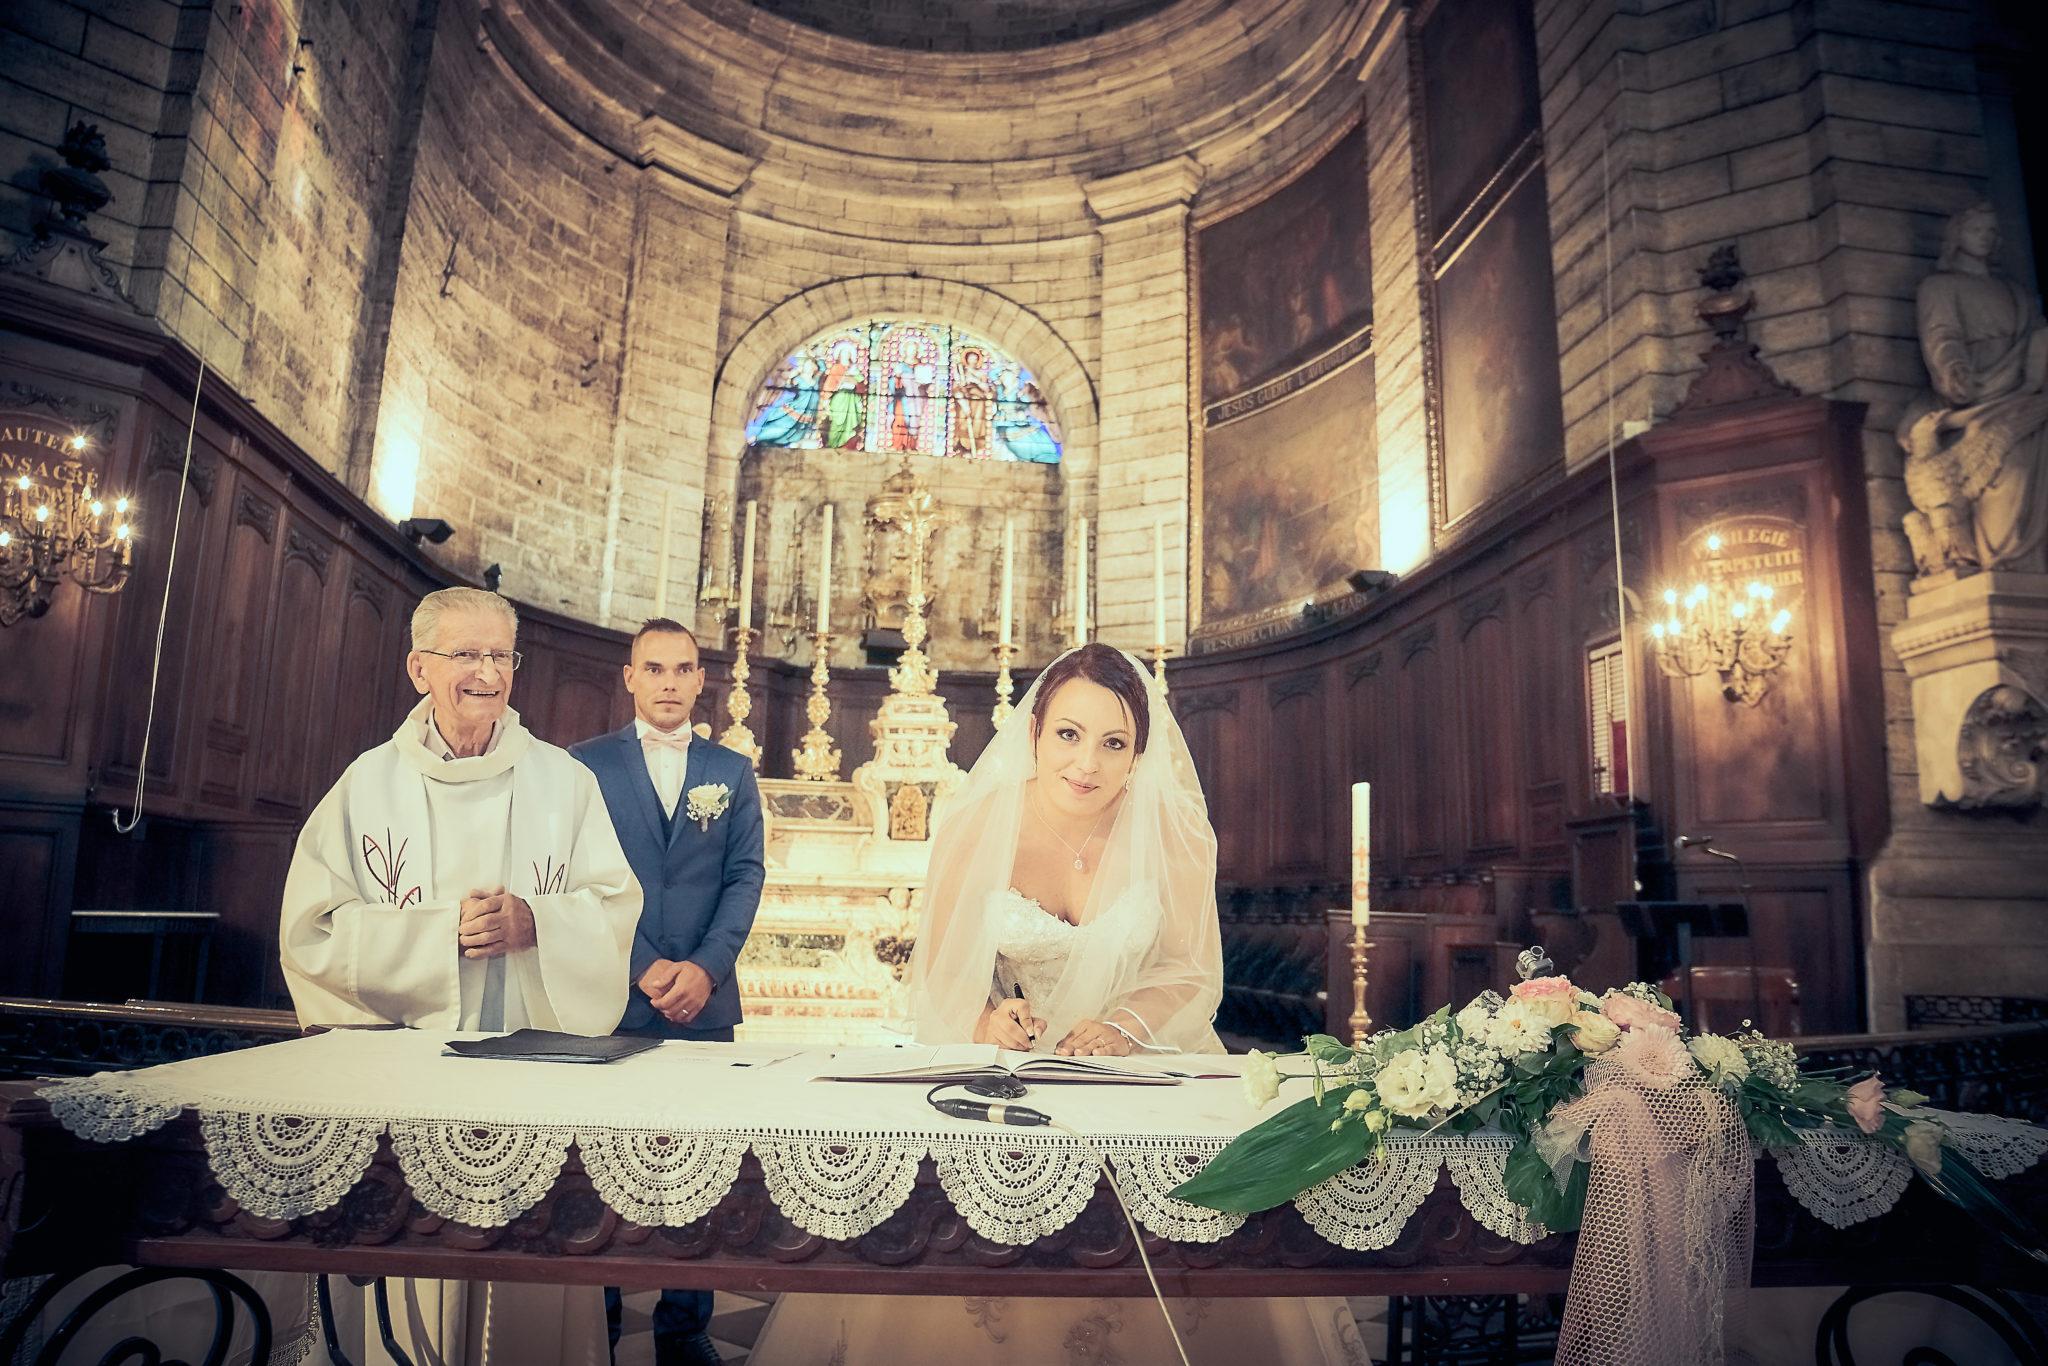 MARIAGE a Pézénas de Anne sophie et julian en 2017